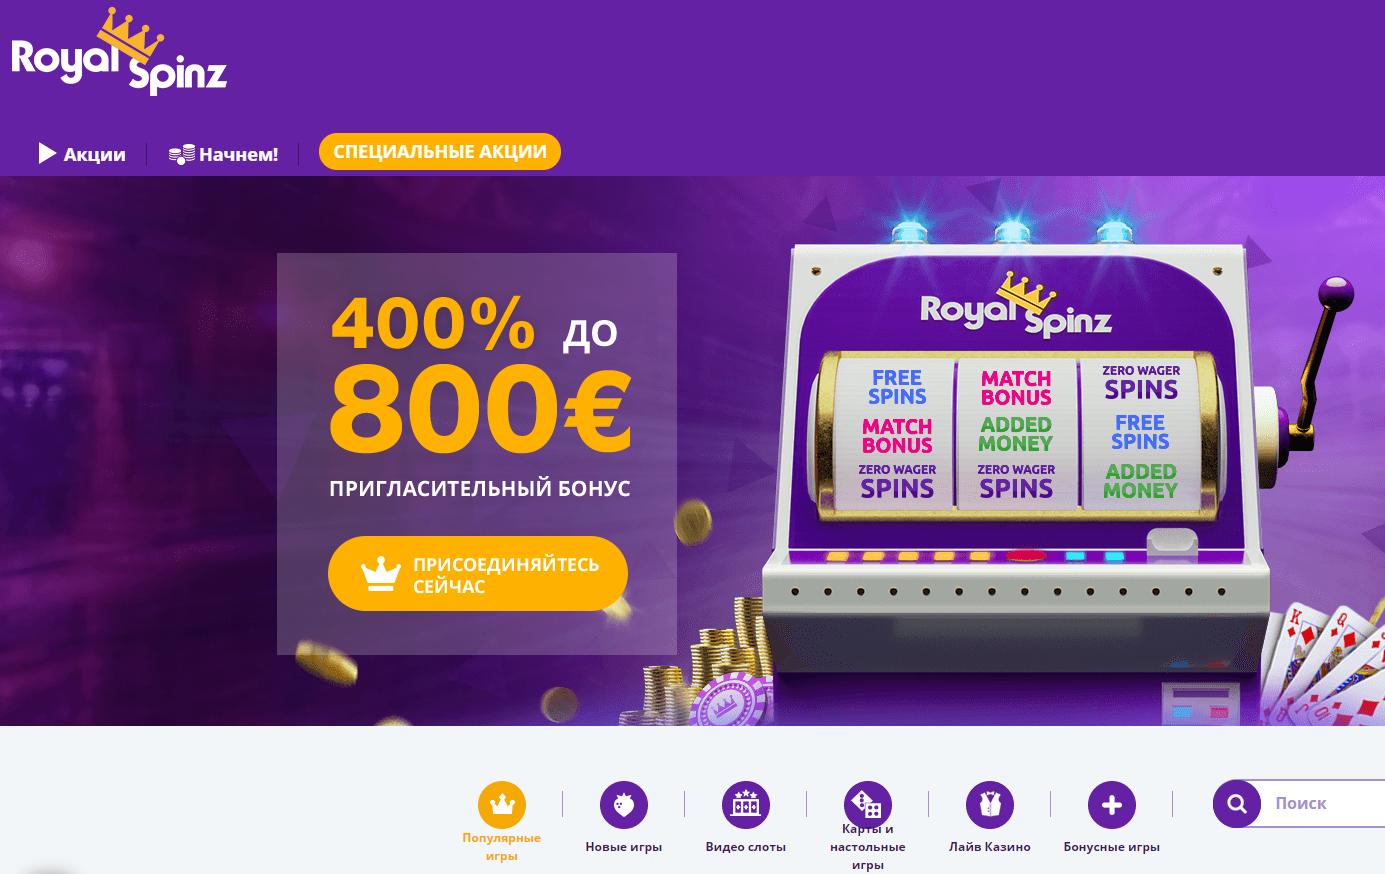 Visit Обзор казино RoyalSpinz